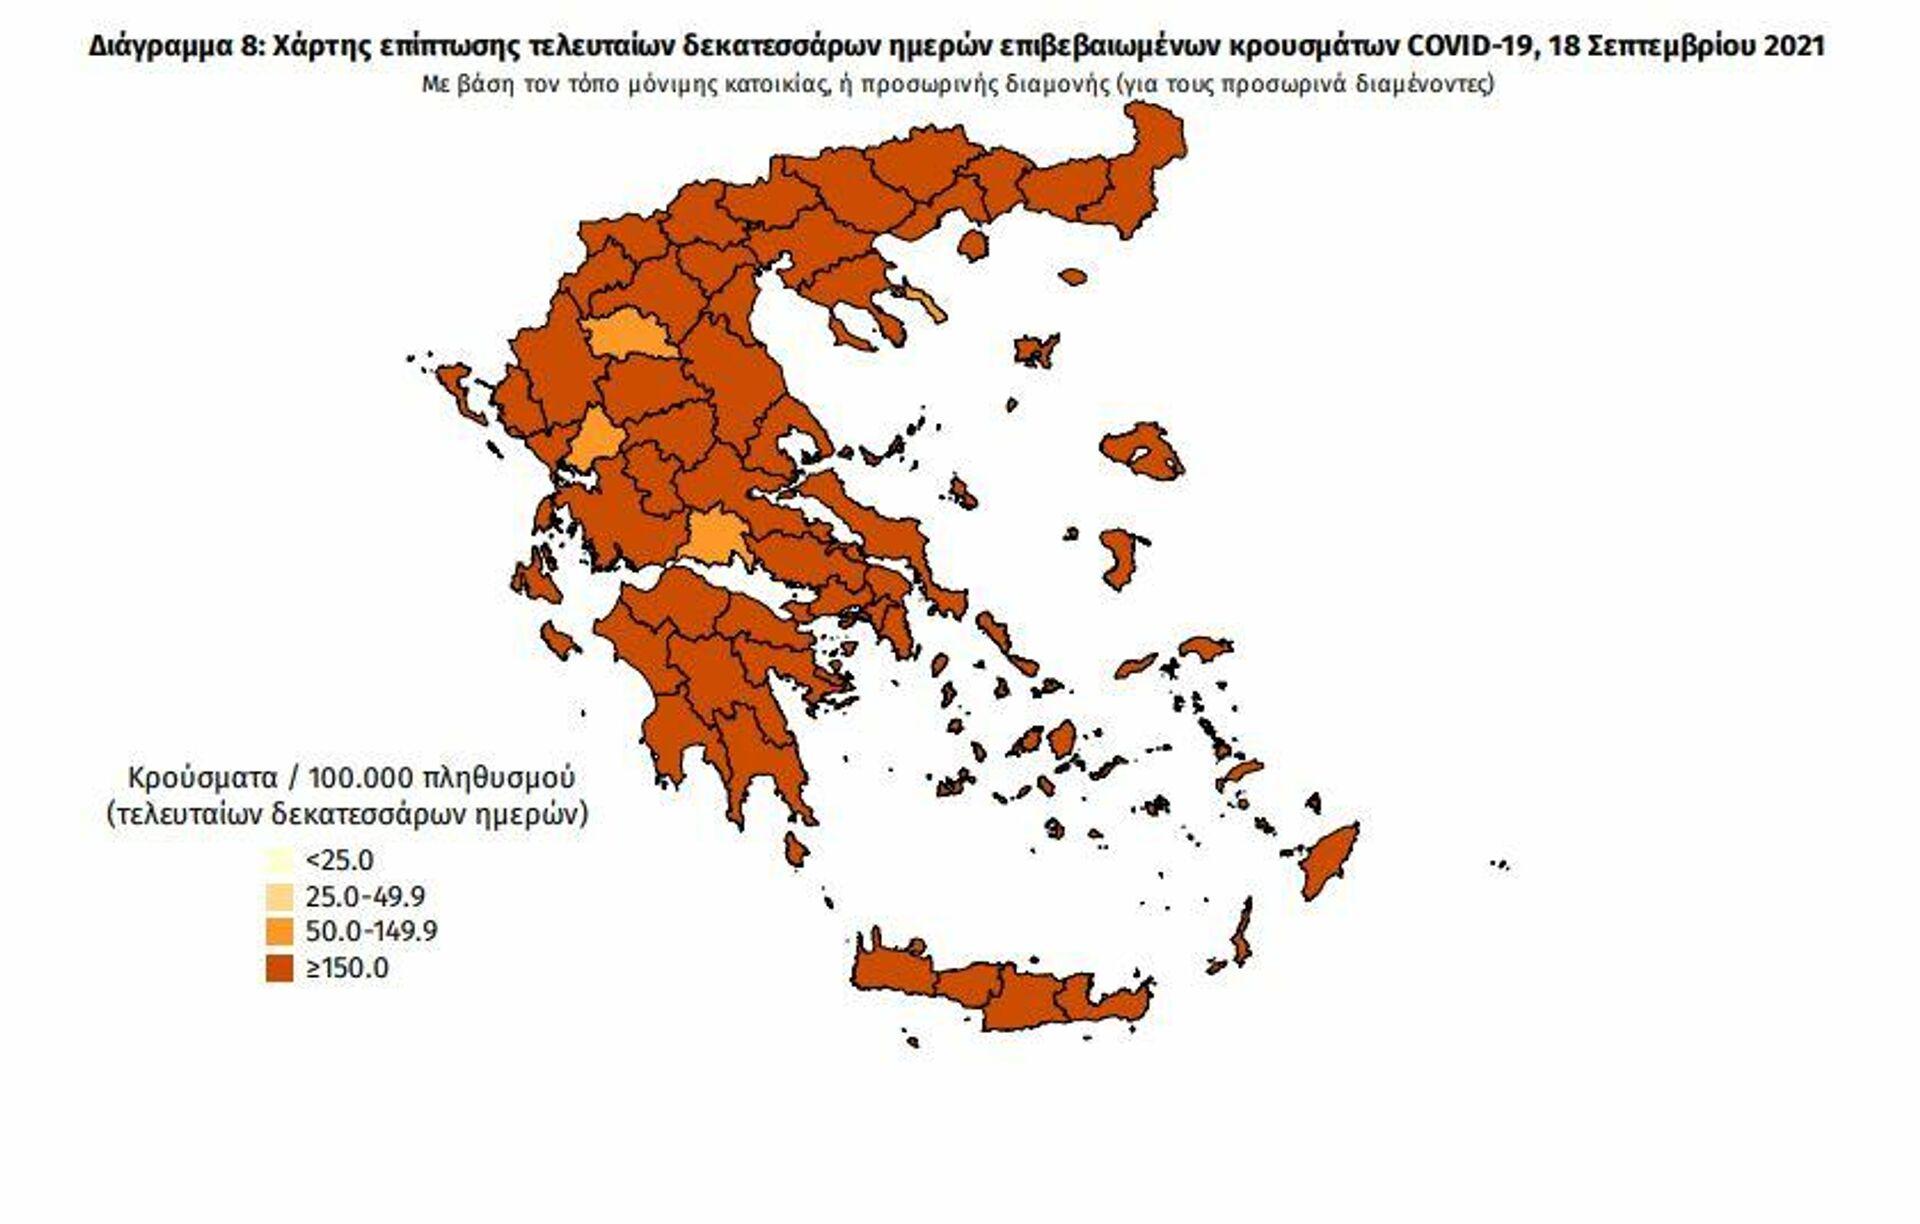 Χάρτης κρουσμάτων 14 ημερών - Sputnik Ελλάδα, 1920, 18.09.2021